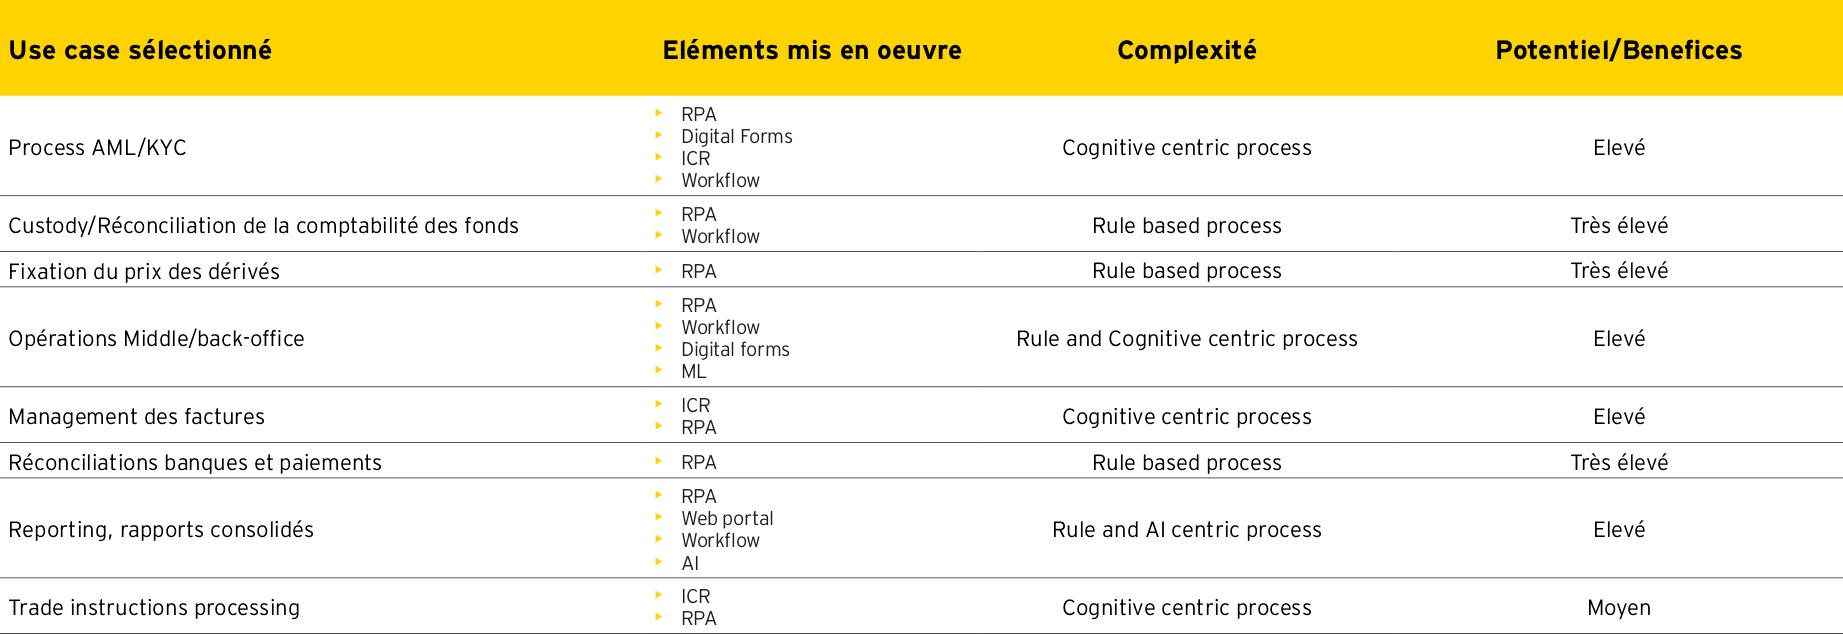 Quelques exemples de processus utilisés. (Crédit: EY Luxembourg)